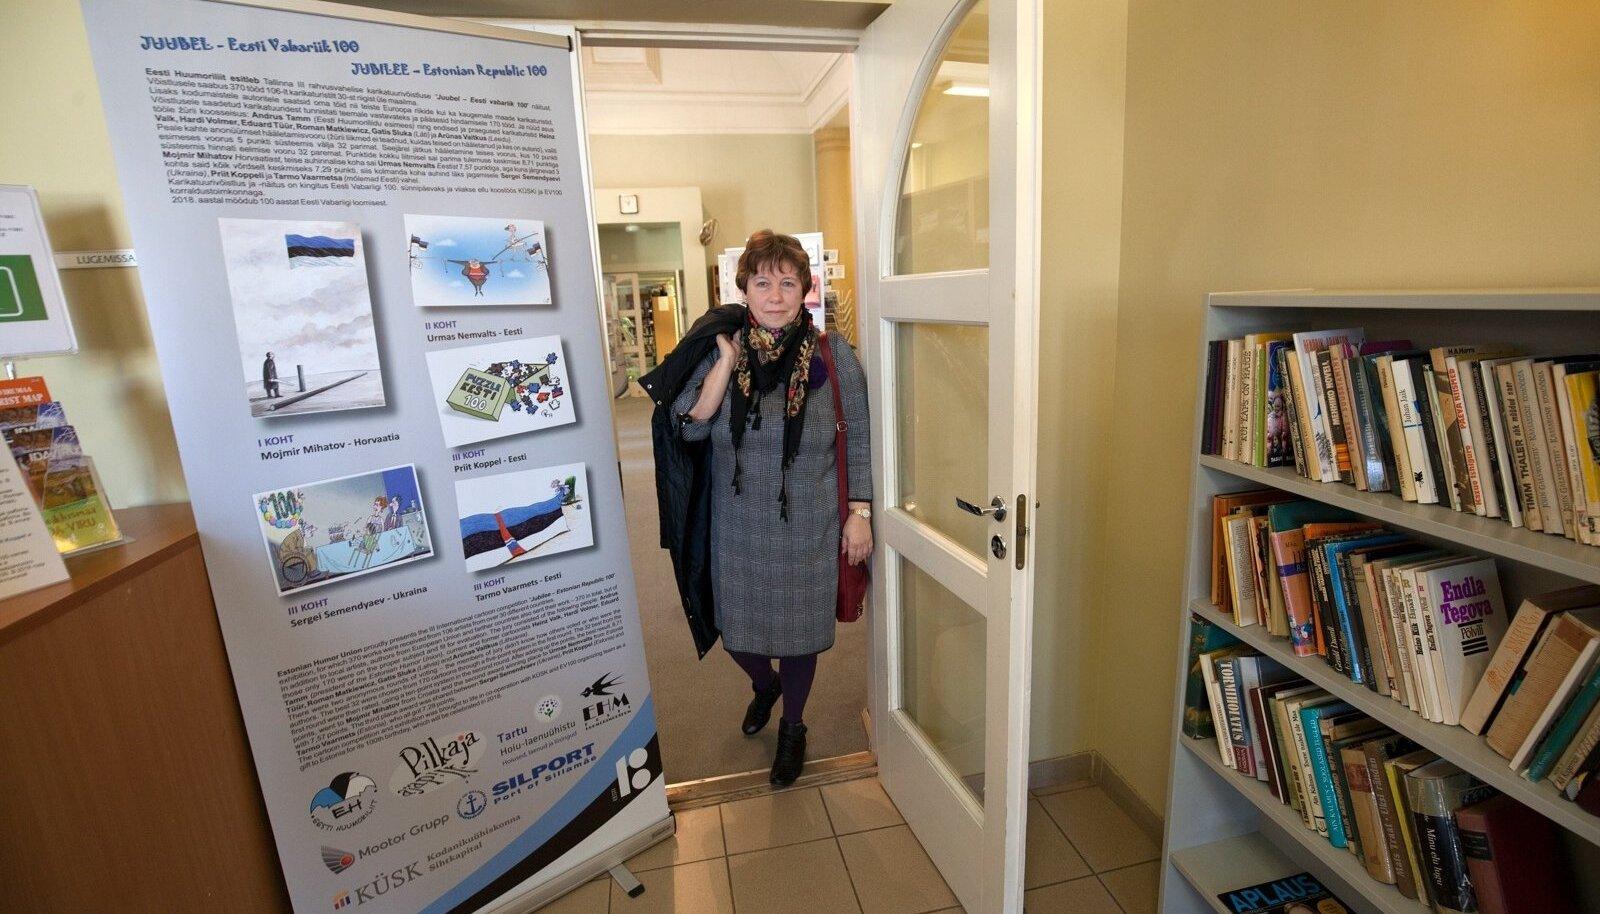 Keeldus Repinski alandavast rahasüstist: eneselegi üllatuseks on püstipäisest Ingrid Spitzist saanud Ida-Virumaal manipuleerivatele võimudele vastu hakkamise sümbol, näide hallideks hiirekesteks peetavate raamatukoguhoidjate tegelikust sisust.